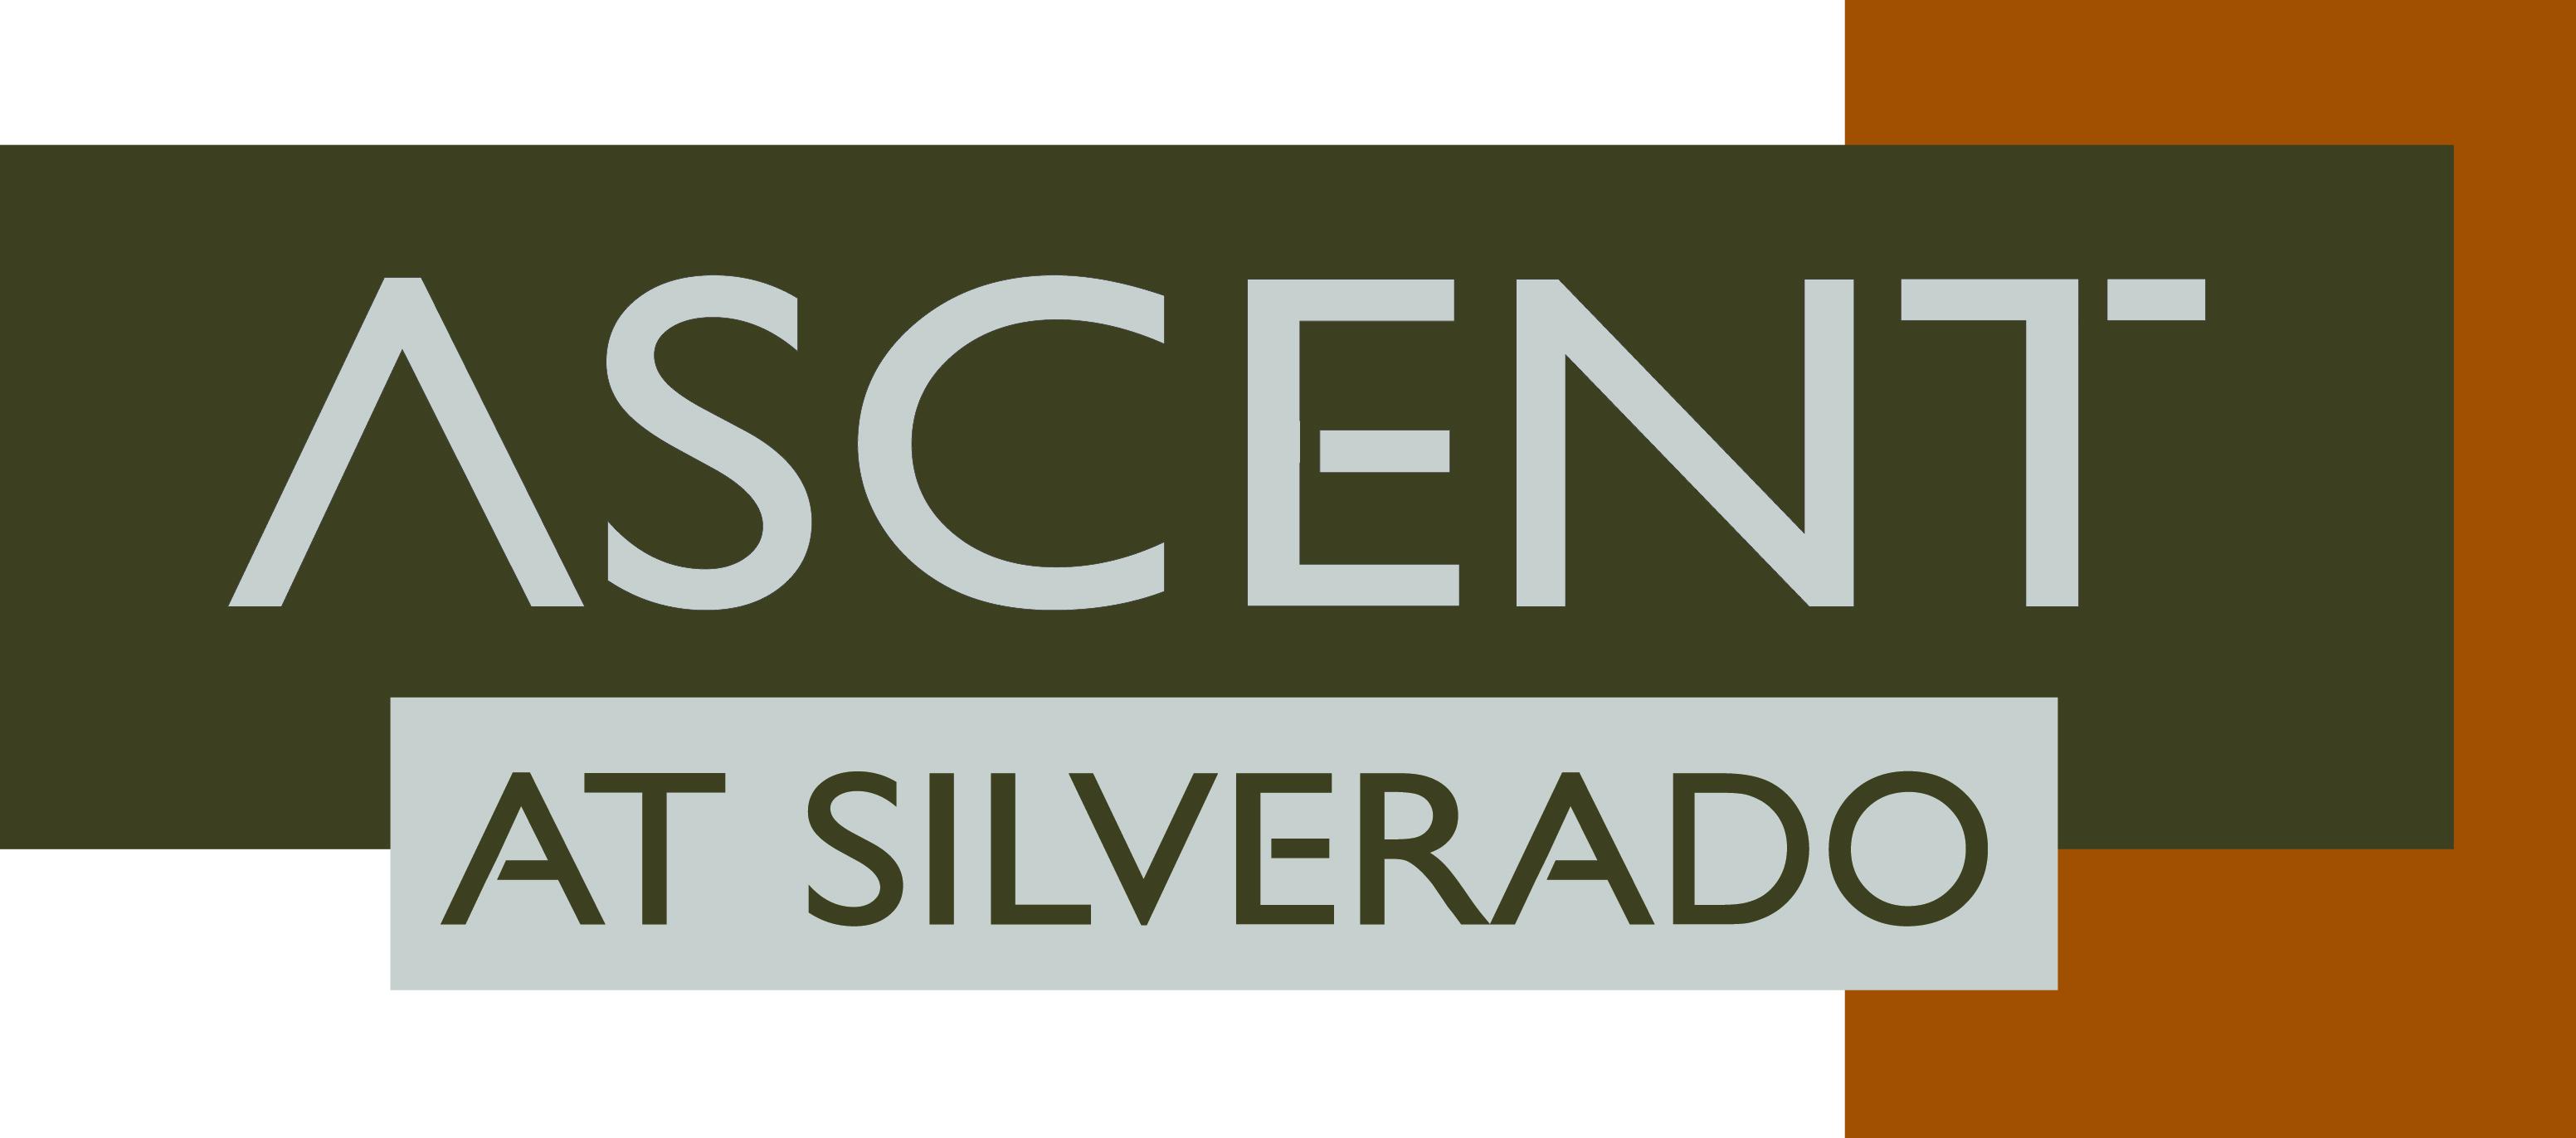 Ascent at Silverado Apartments